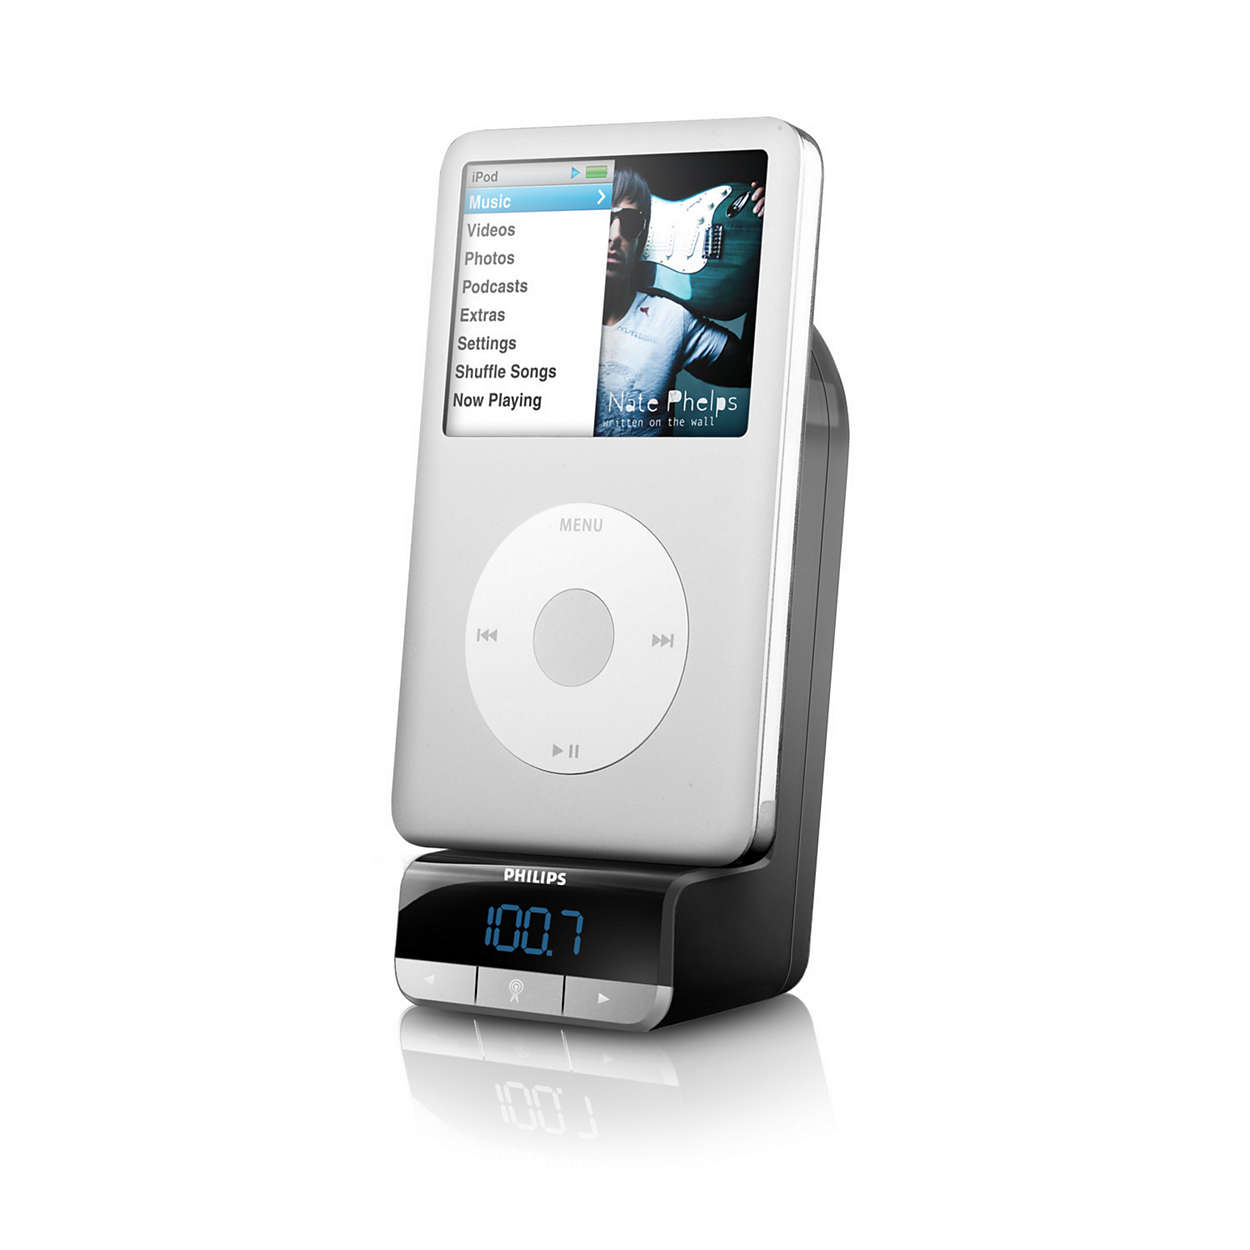 Pour lire, charger et installer votre iPod en voiture